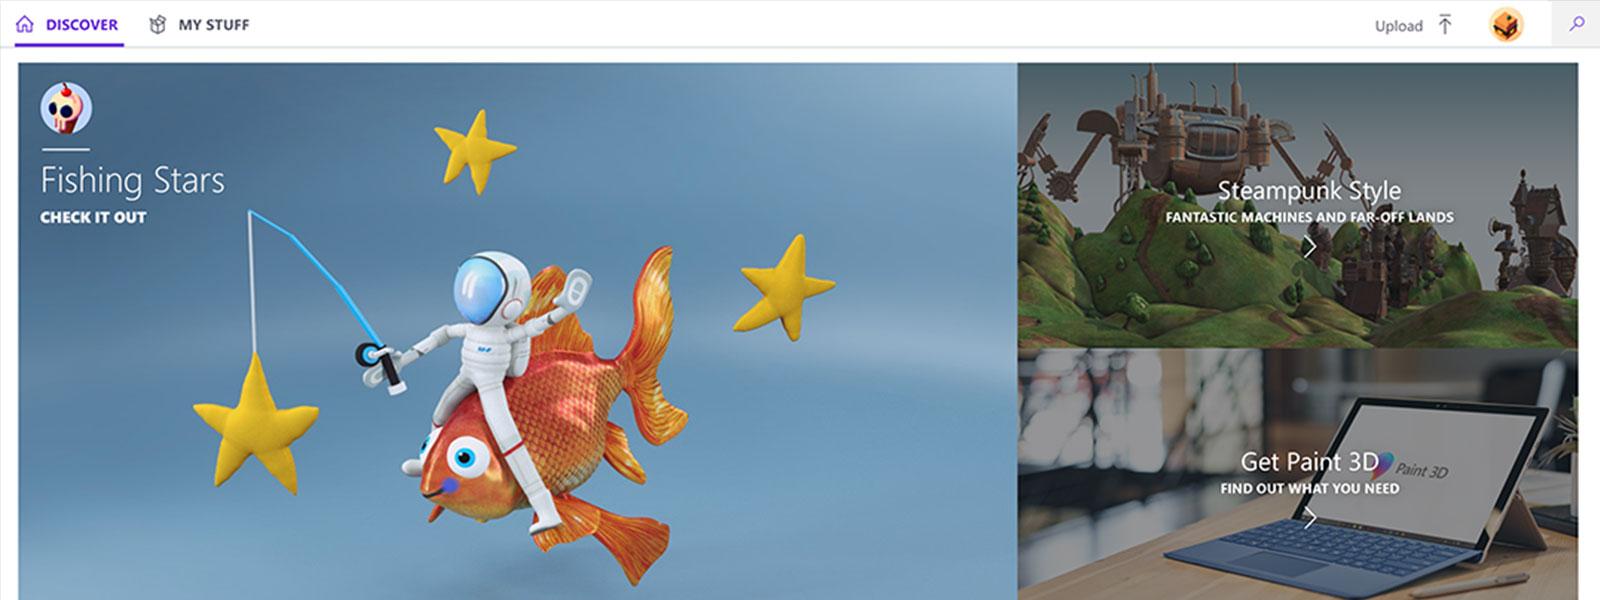 捕鱼之星 Windows 画图 3D 图像